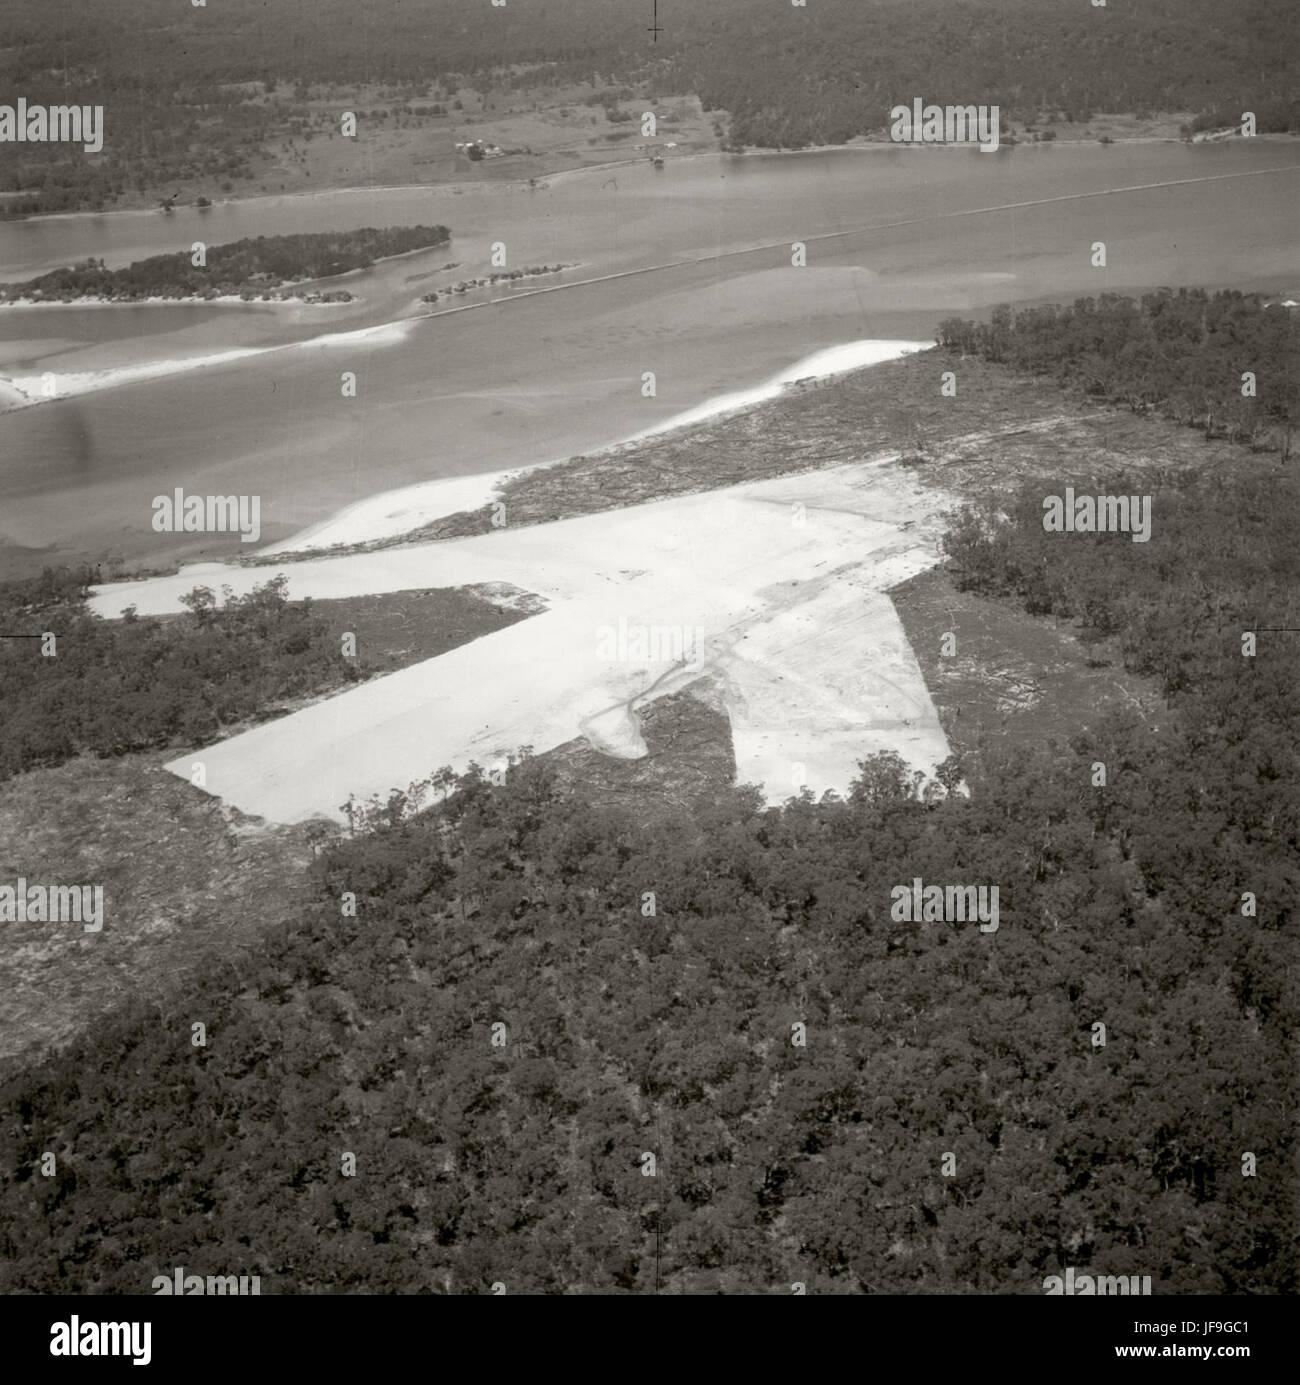 Moruya Landing Ground - 17 Nov 1937 30129210466 o - Stock Image